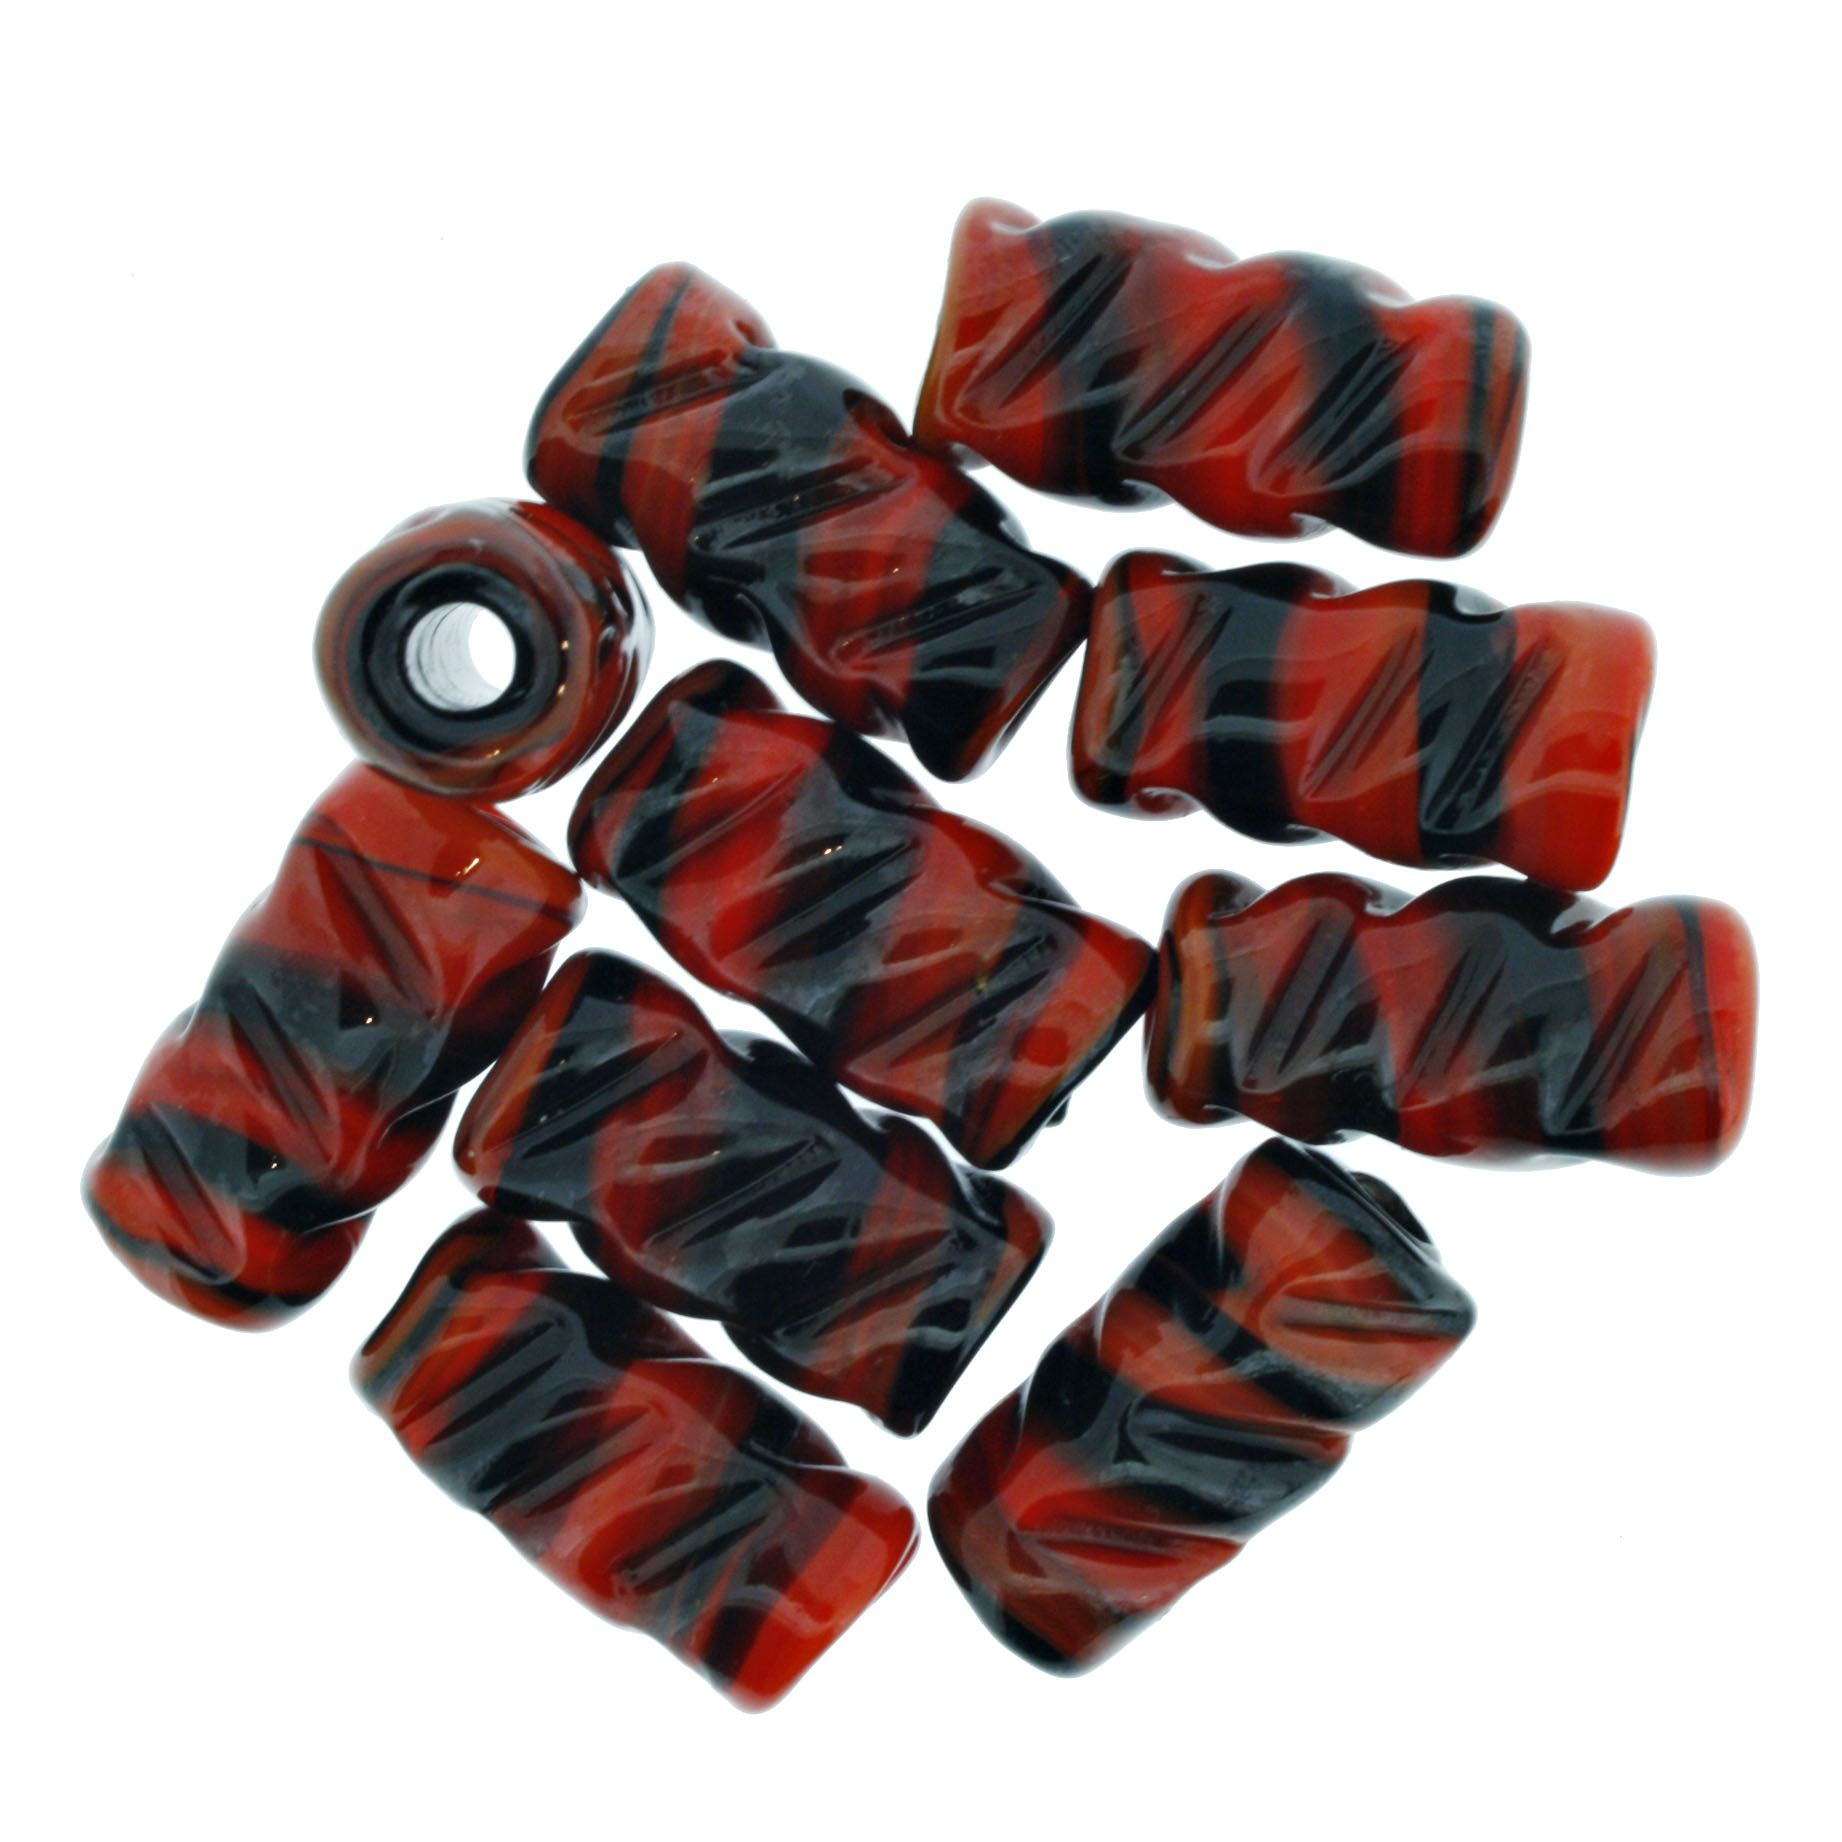 Firma Frisada - Vermelha e Preta  - Stéphanie Bijoux® - Peças para Bijuterias e Artesanato